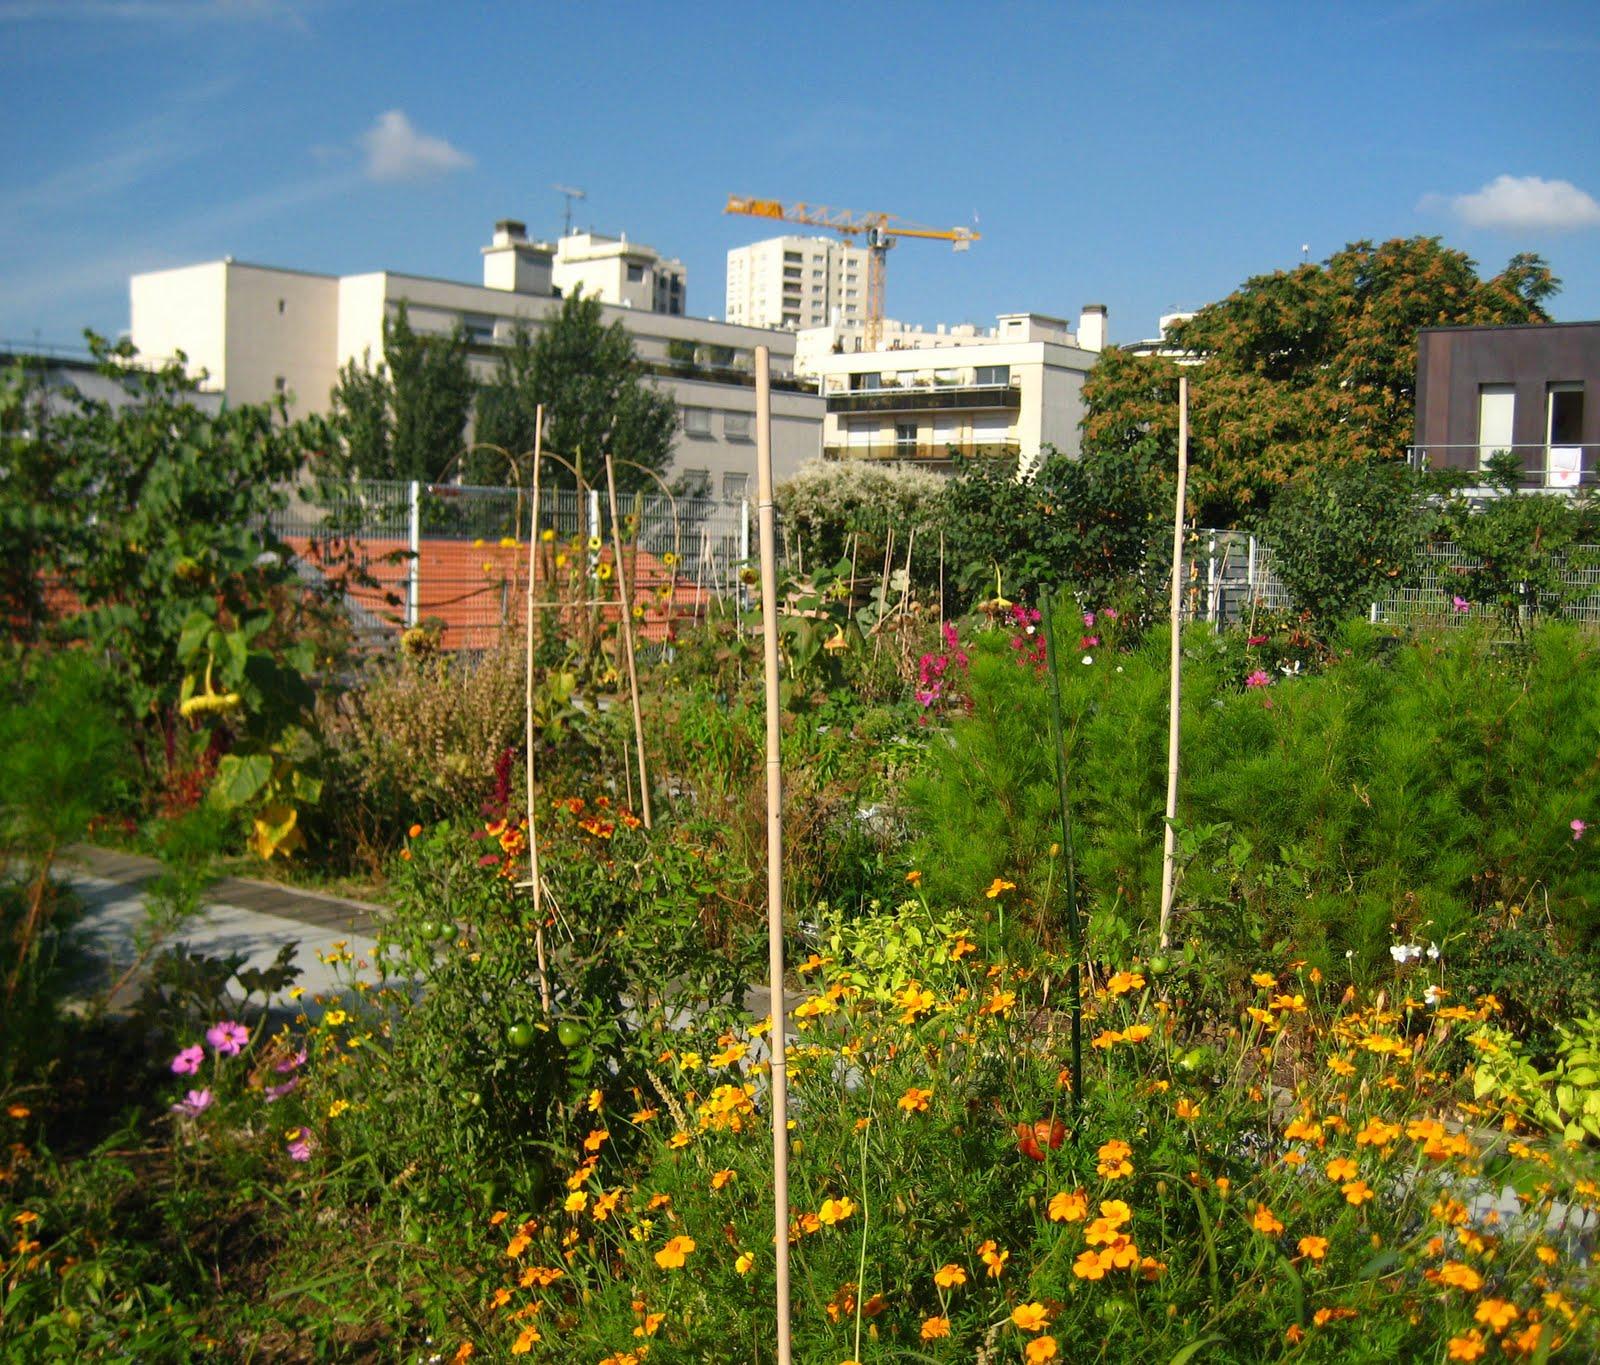 La banque du miel promenade en zone de butinage for Jardin sur le toit